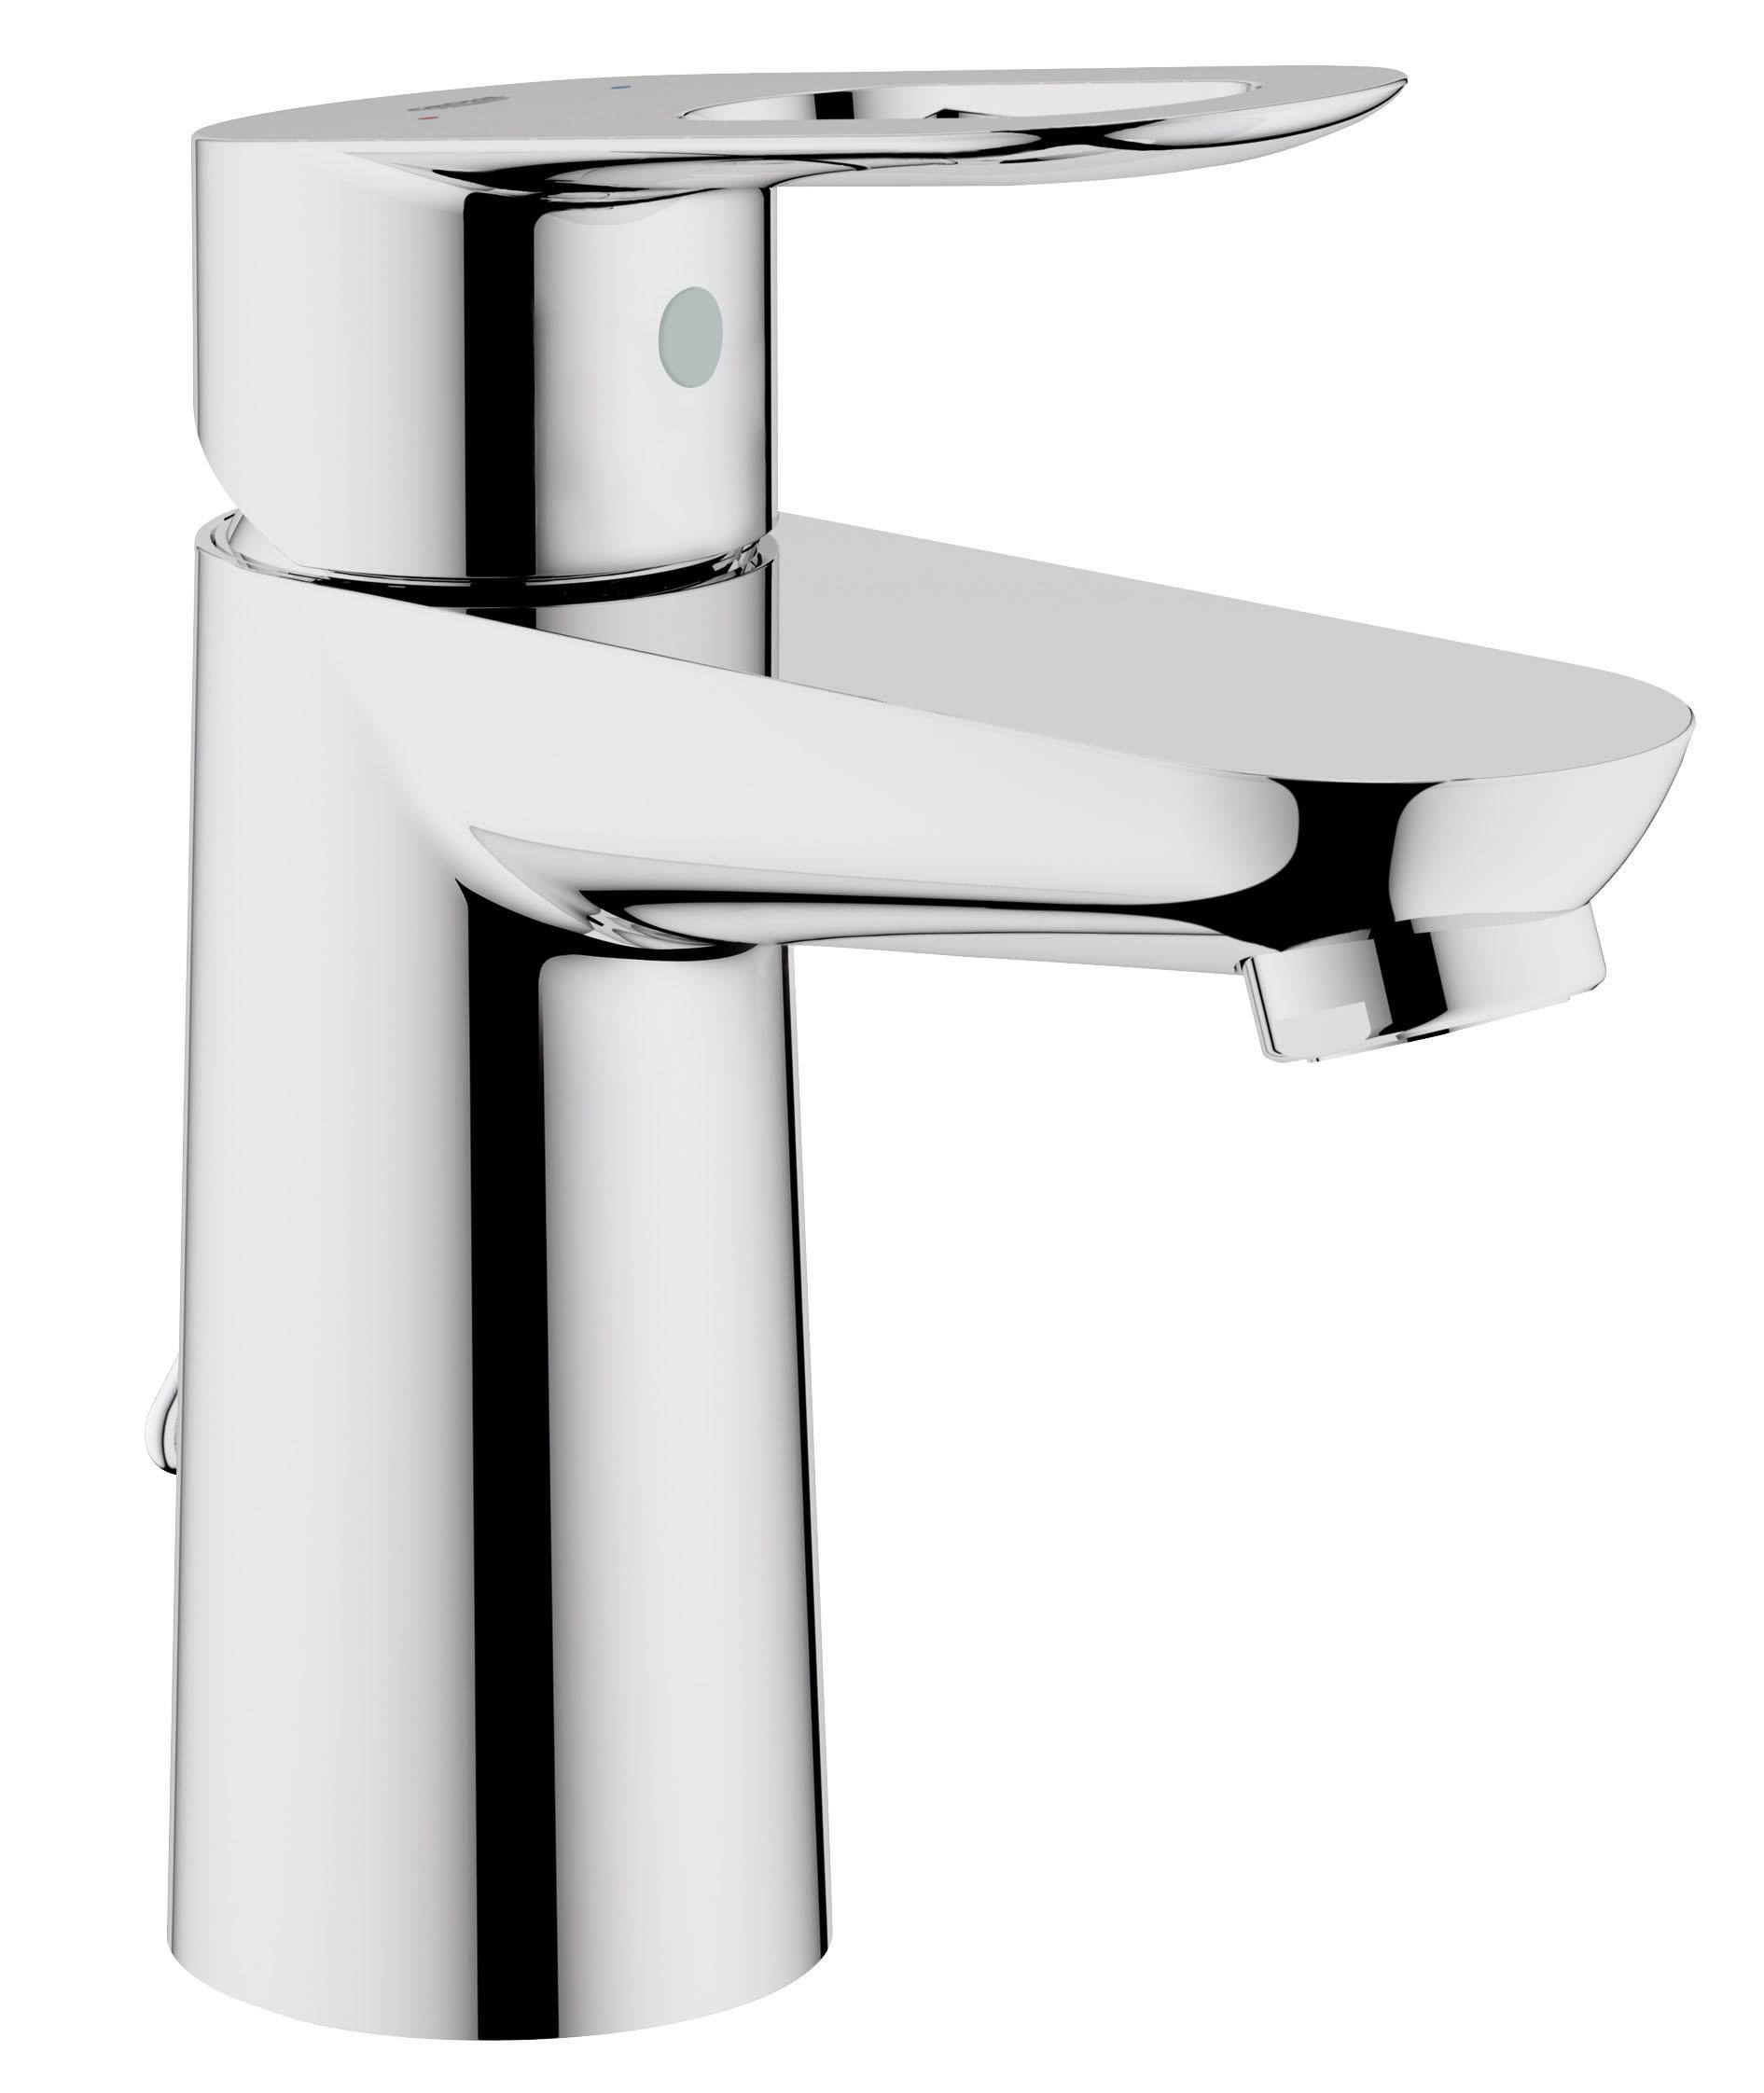 Смеситель для раковины GROHE BauLoop с цепочкой (23336000)68/5/3Монтаж на одно отверстие Металлический рычаг GROHE SilkMove керамический картридж 28 мм GROHE StarLight хромированная поверхностьGROHE EcoJoy - технология совершенного потока при уменьшенном расходе водыАэратор Цепочка Гибкая подводка Система быстрого монтажа Видео по установке является исключительно информационным. Установка должна проводиться профессионалами!